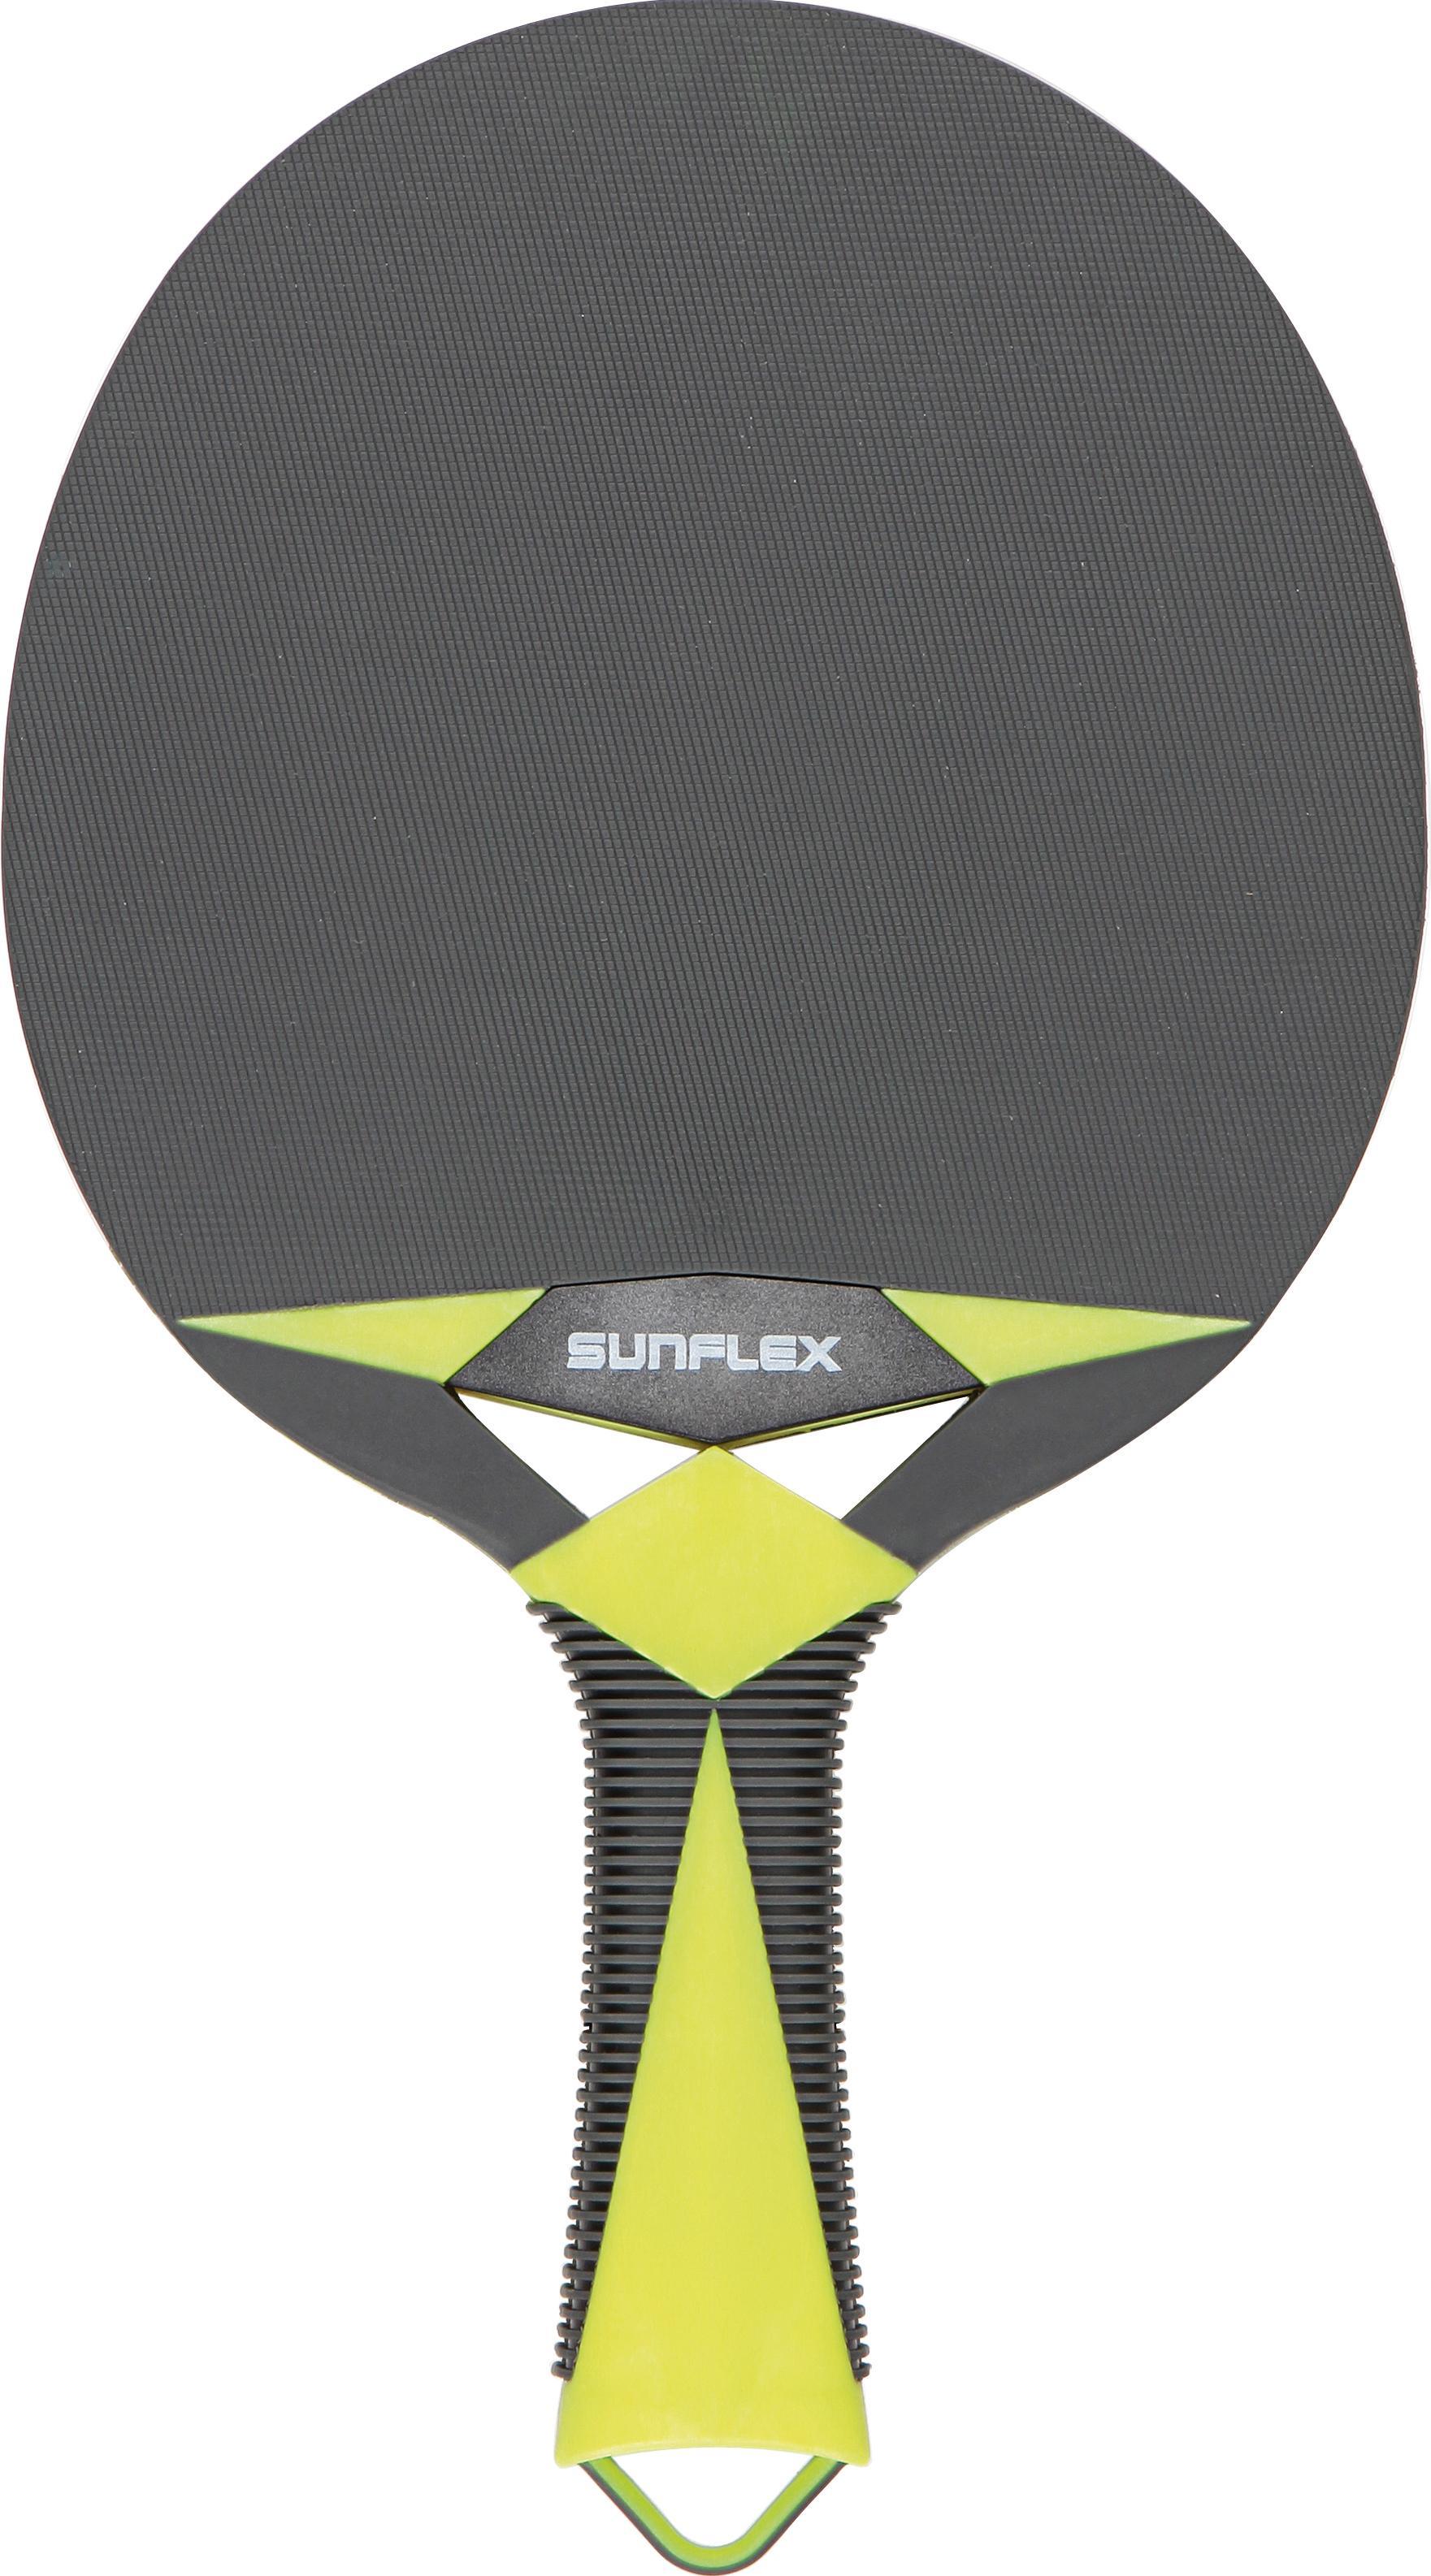 Sunflex Tischtennisschläger Outdoor Schläger Zircon Technik & Freizeit/Sport & Freizeit/Sportarten/Tischtennis/Tischtennis-Ausrüstung